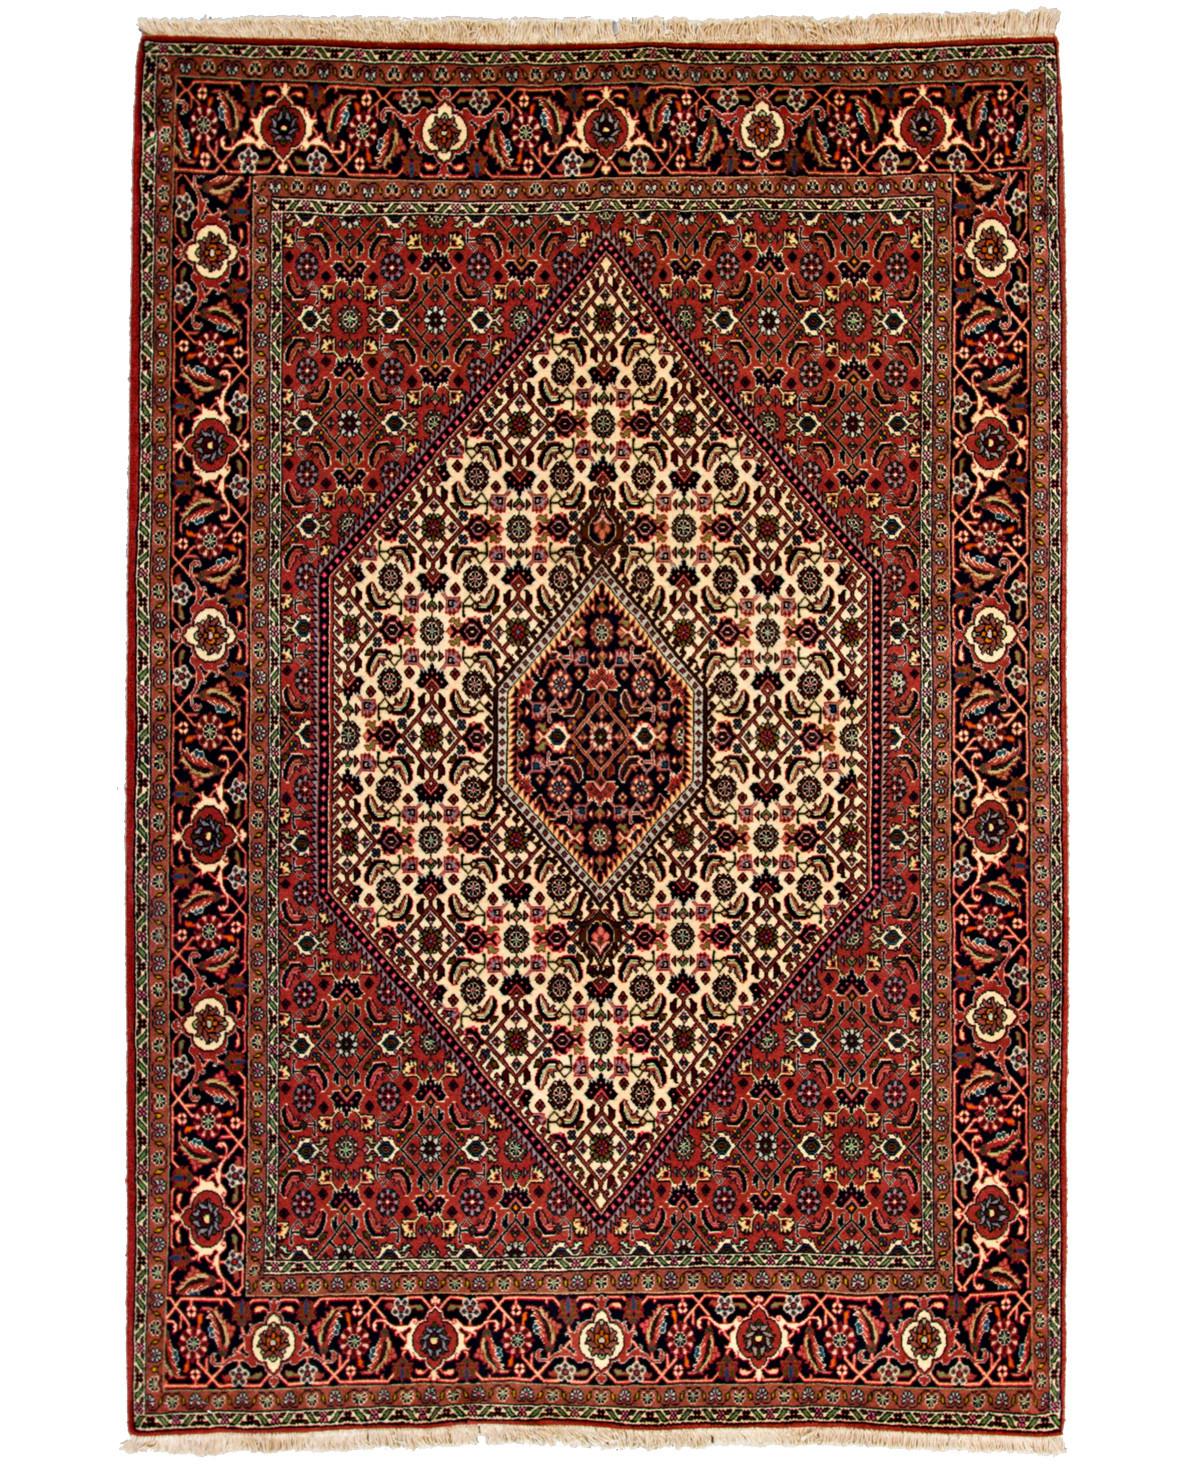 Bidjar slitstark persisk matta med beige rombmedaljong, heratimotiv och palmettbård